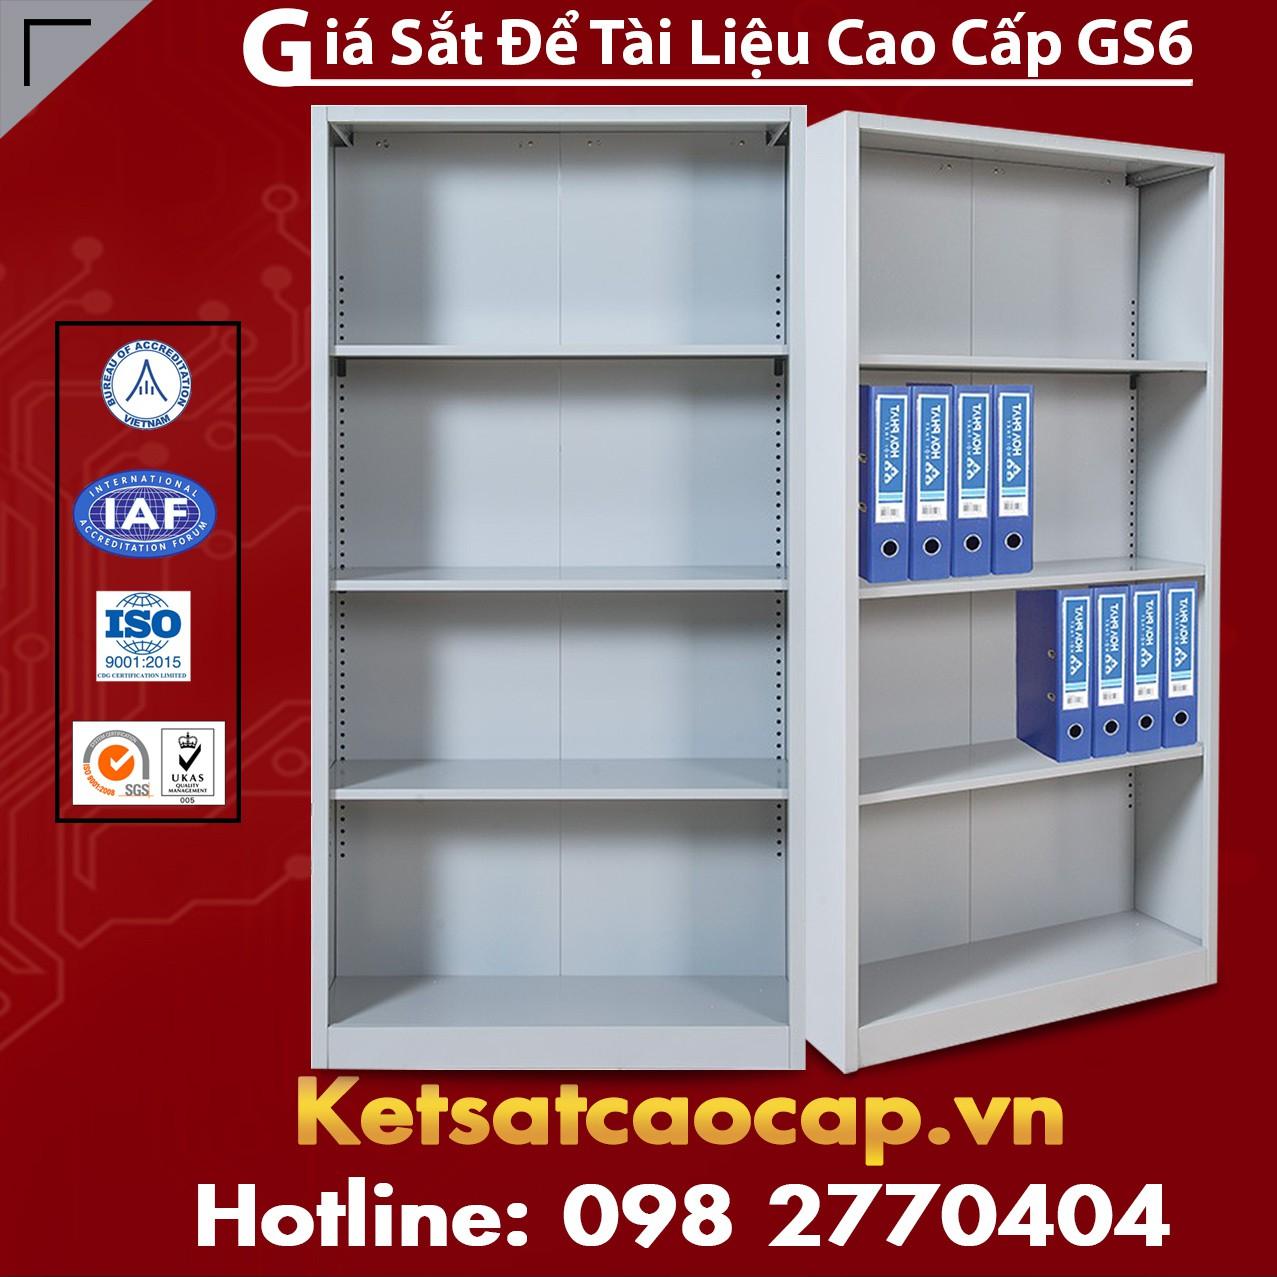 Giá Sắt GS6